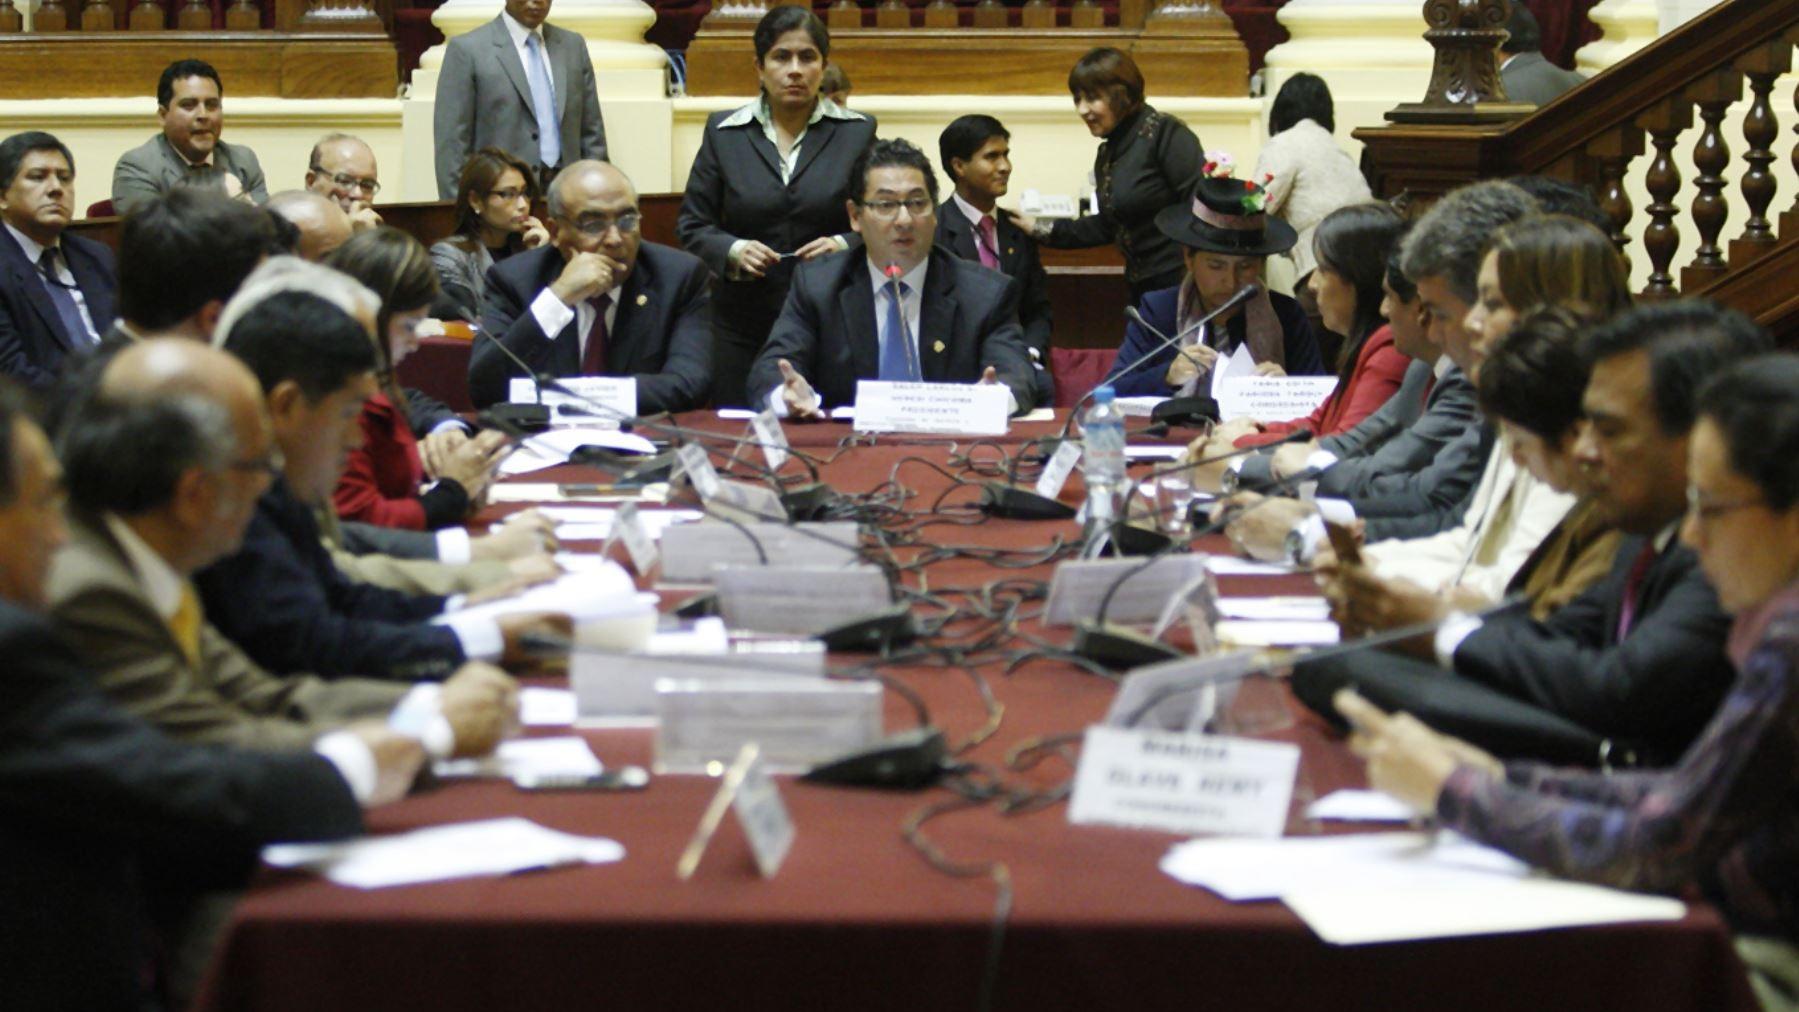 La Comisión de Justicia tenía pactado reunirse a las 10 de la mañana. El presidente de esta mesa señaló que solo faltó un congresista para poder sesionar.